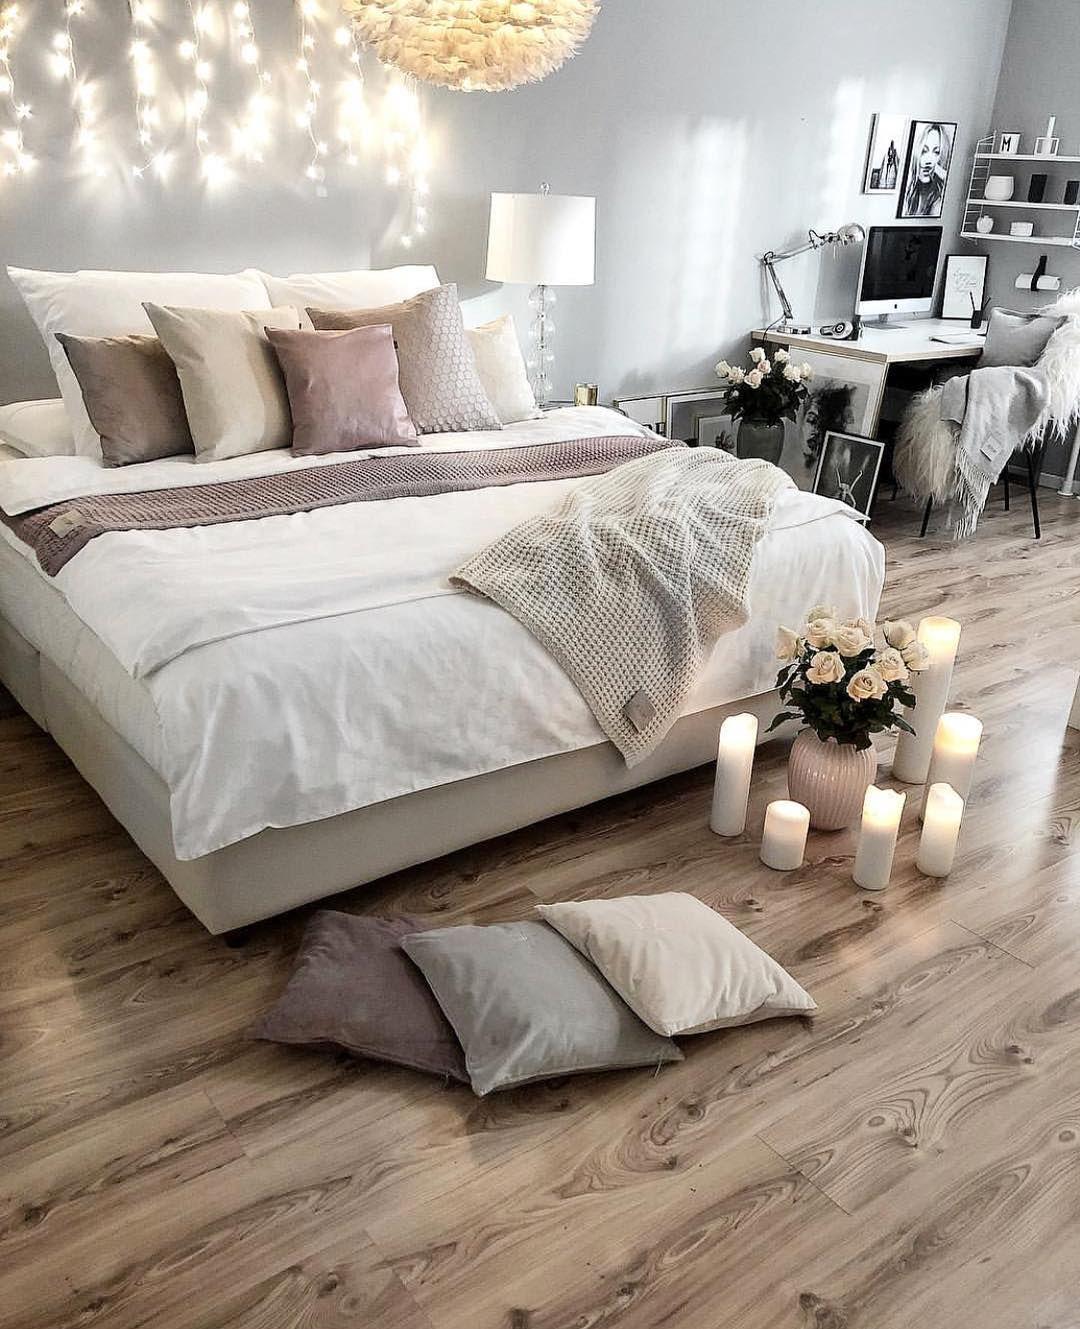 ❤ Dreamy bedrooms on Instagram • photo © @easyinterieur #bedroom ...